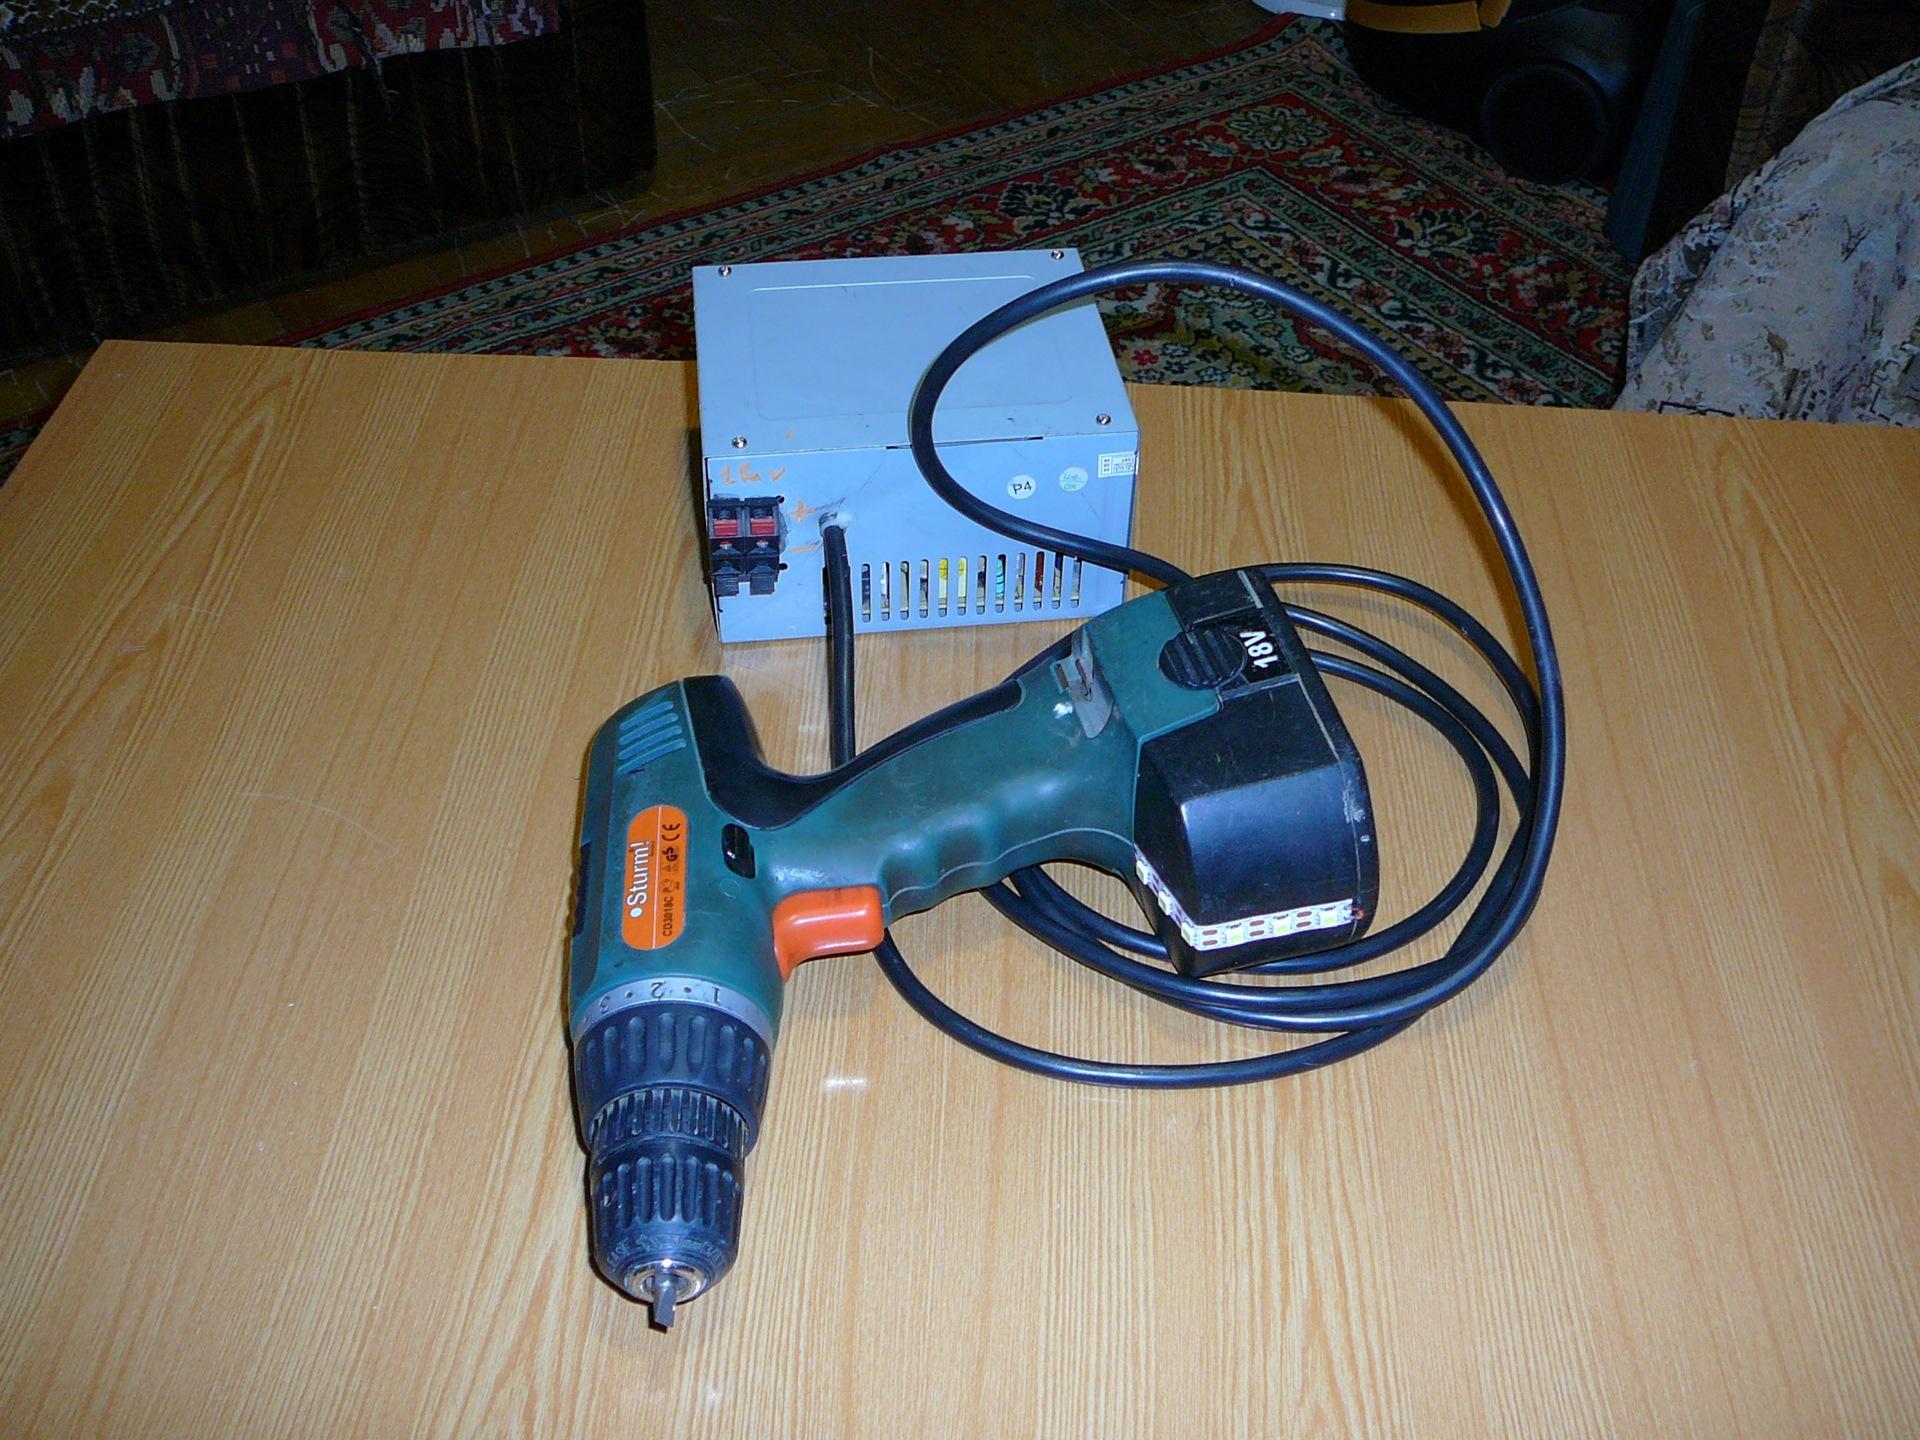 Как переделать шуруповерт на 220 вольт (переделка) — аккумуляторный, от сети, своими руками, самостоятельно, интерскол, метабо, макита, бош